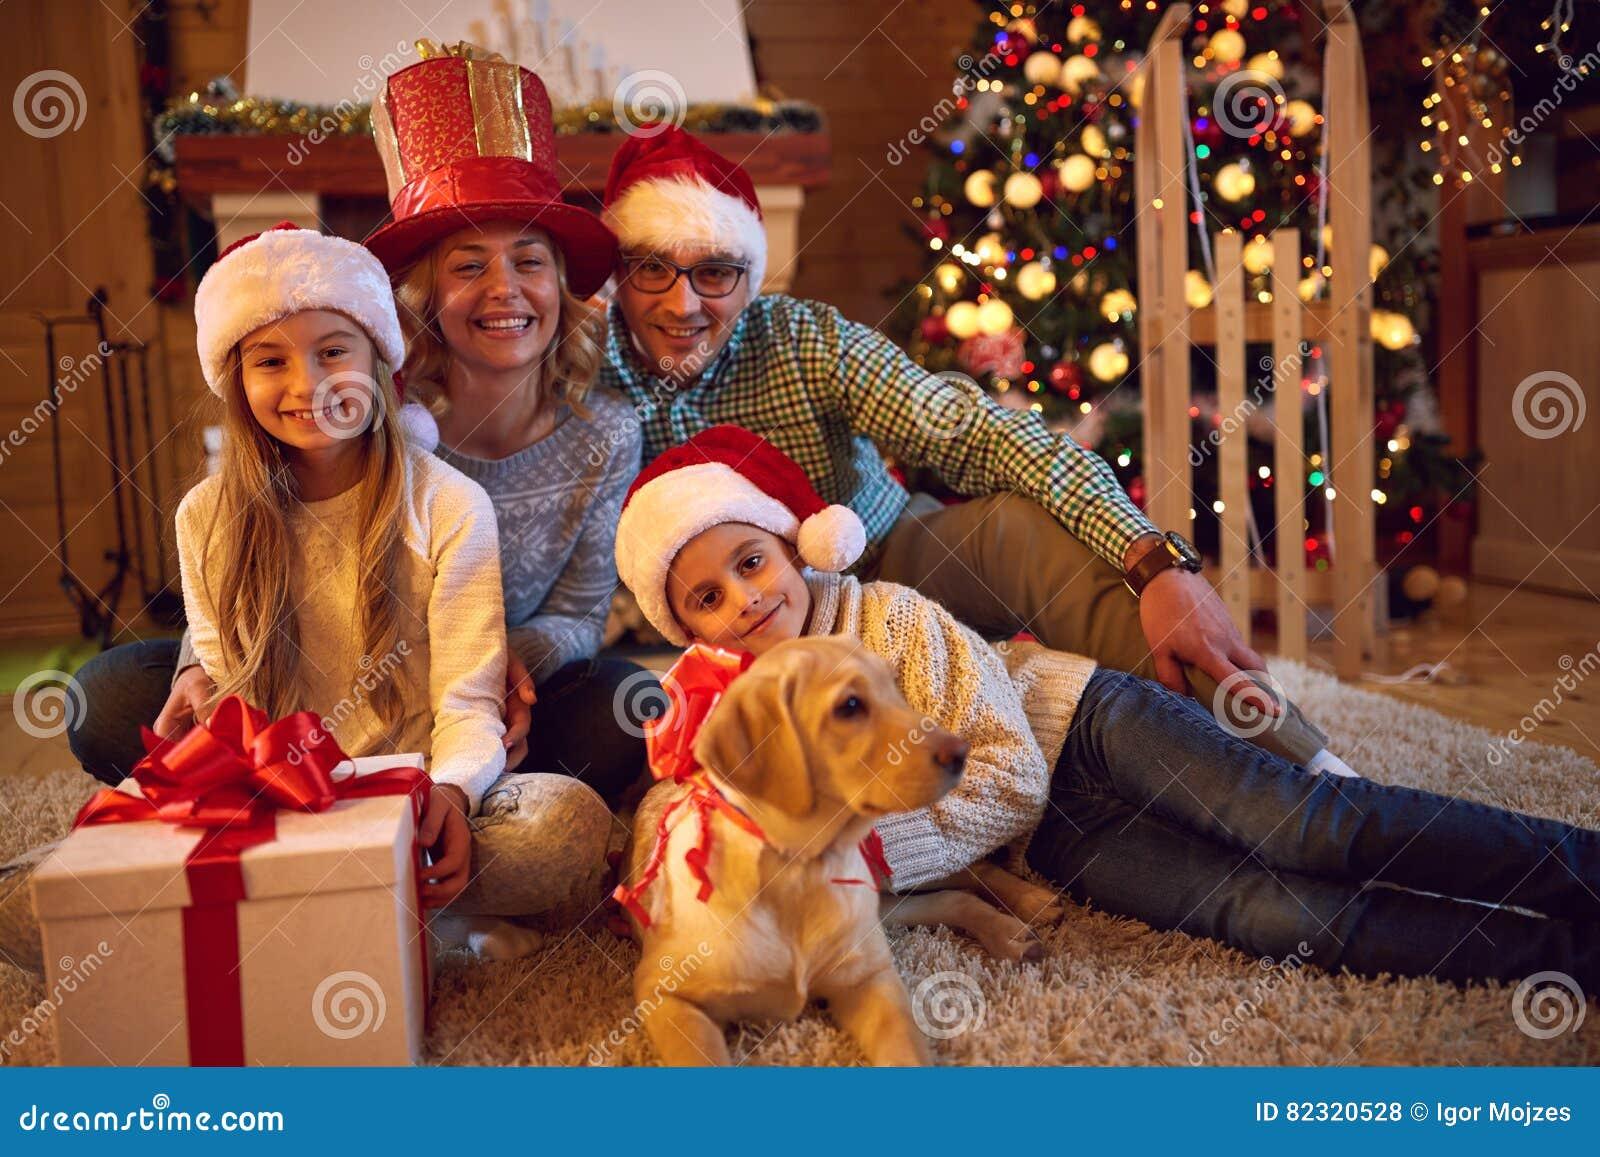 Eltern Und Kind Mit Geschenk Fur Weihnachten Stockfoto Bild Von Eltern Weihnachten 82320528